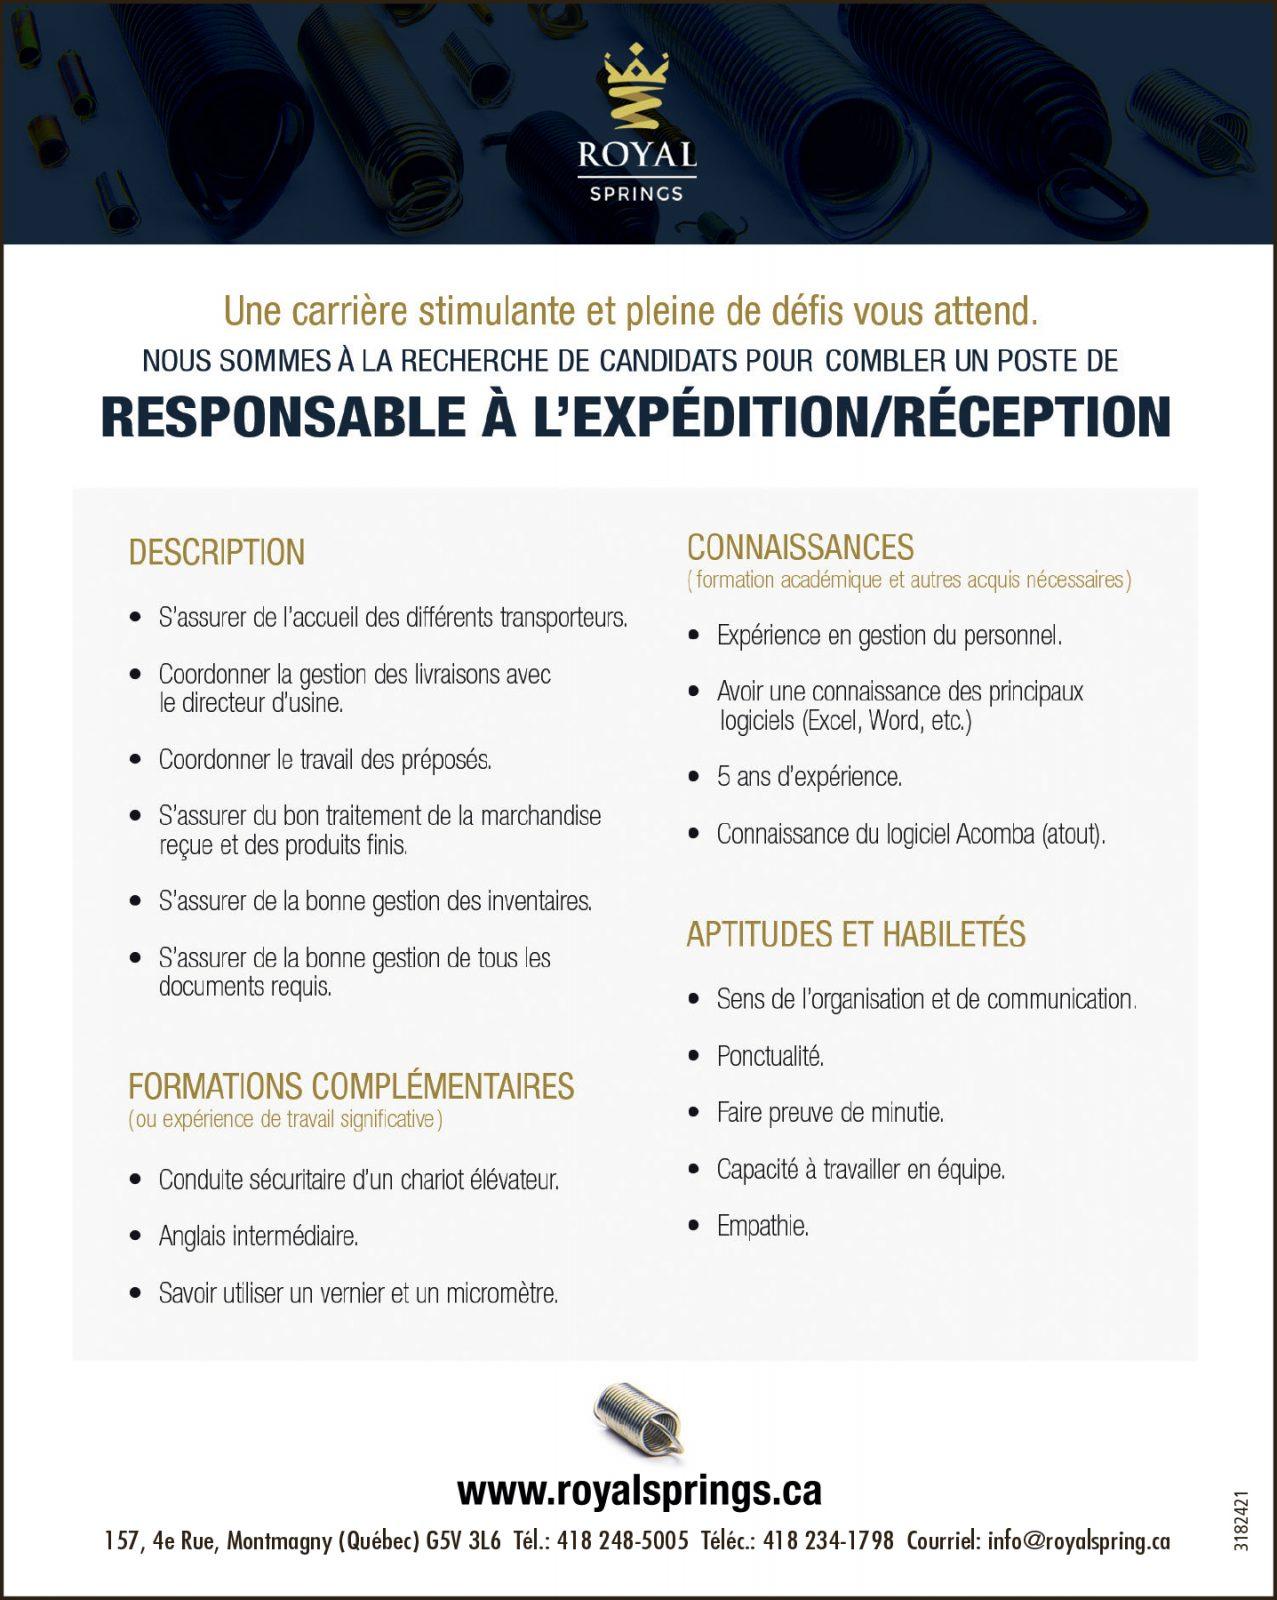 Responsable à l'expédition/réception